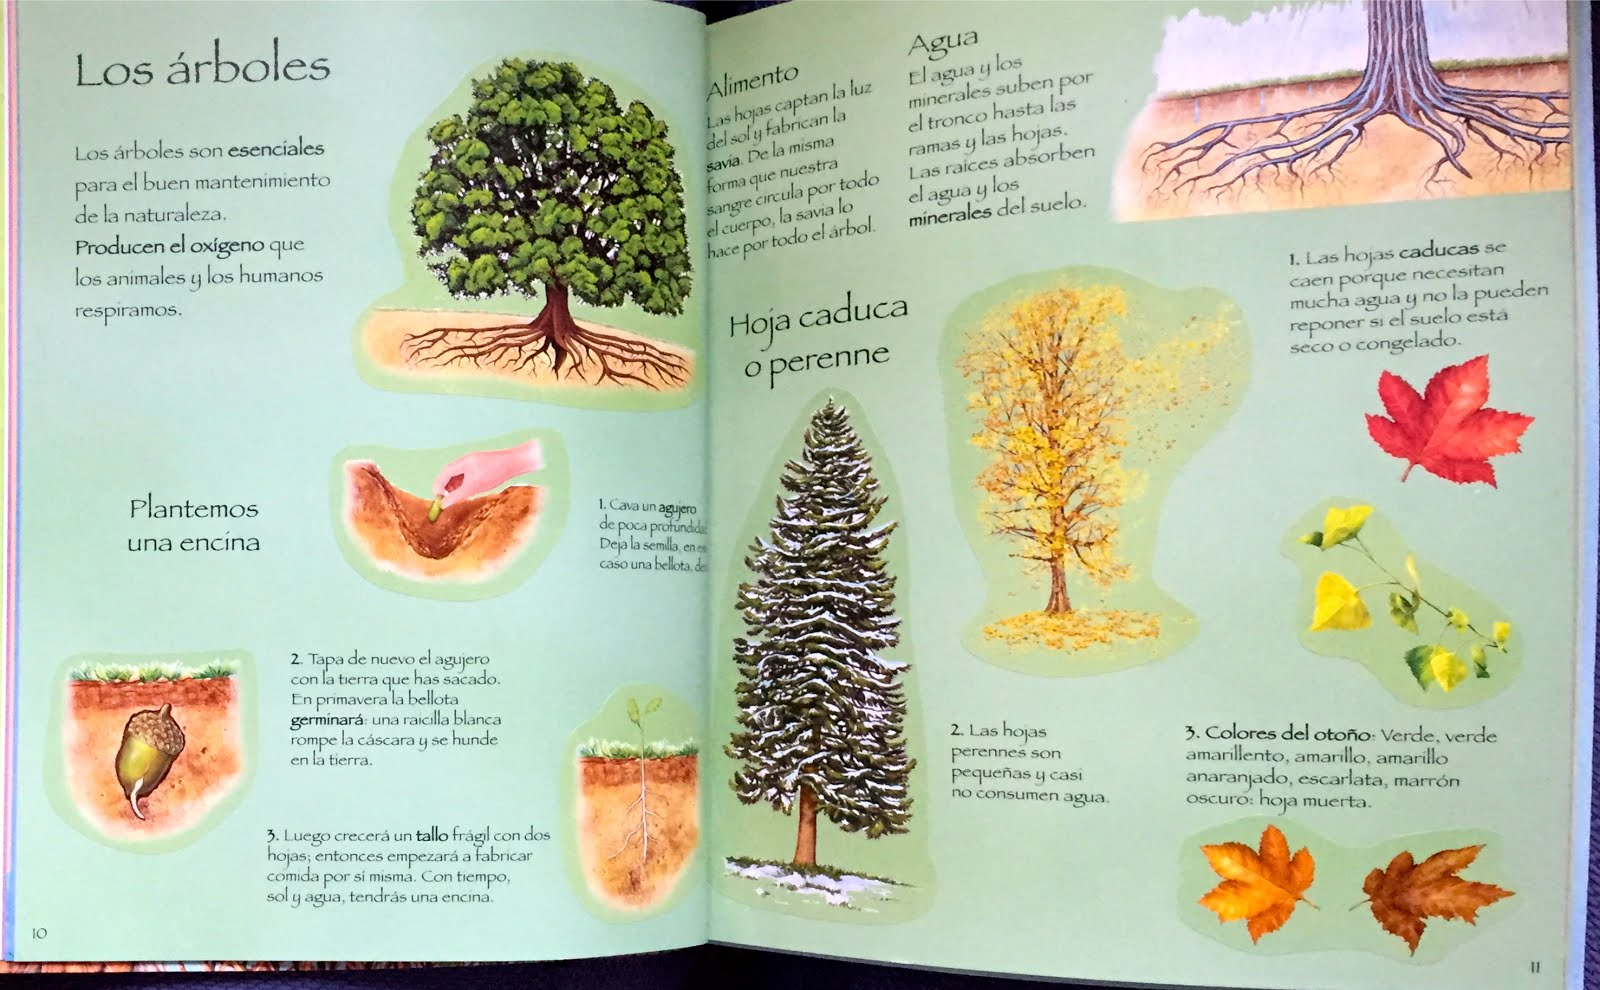 Elmer y compa a los rboles sus hojas iv for Nombres de los arboles de hoja perenne